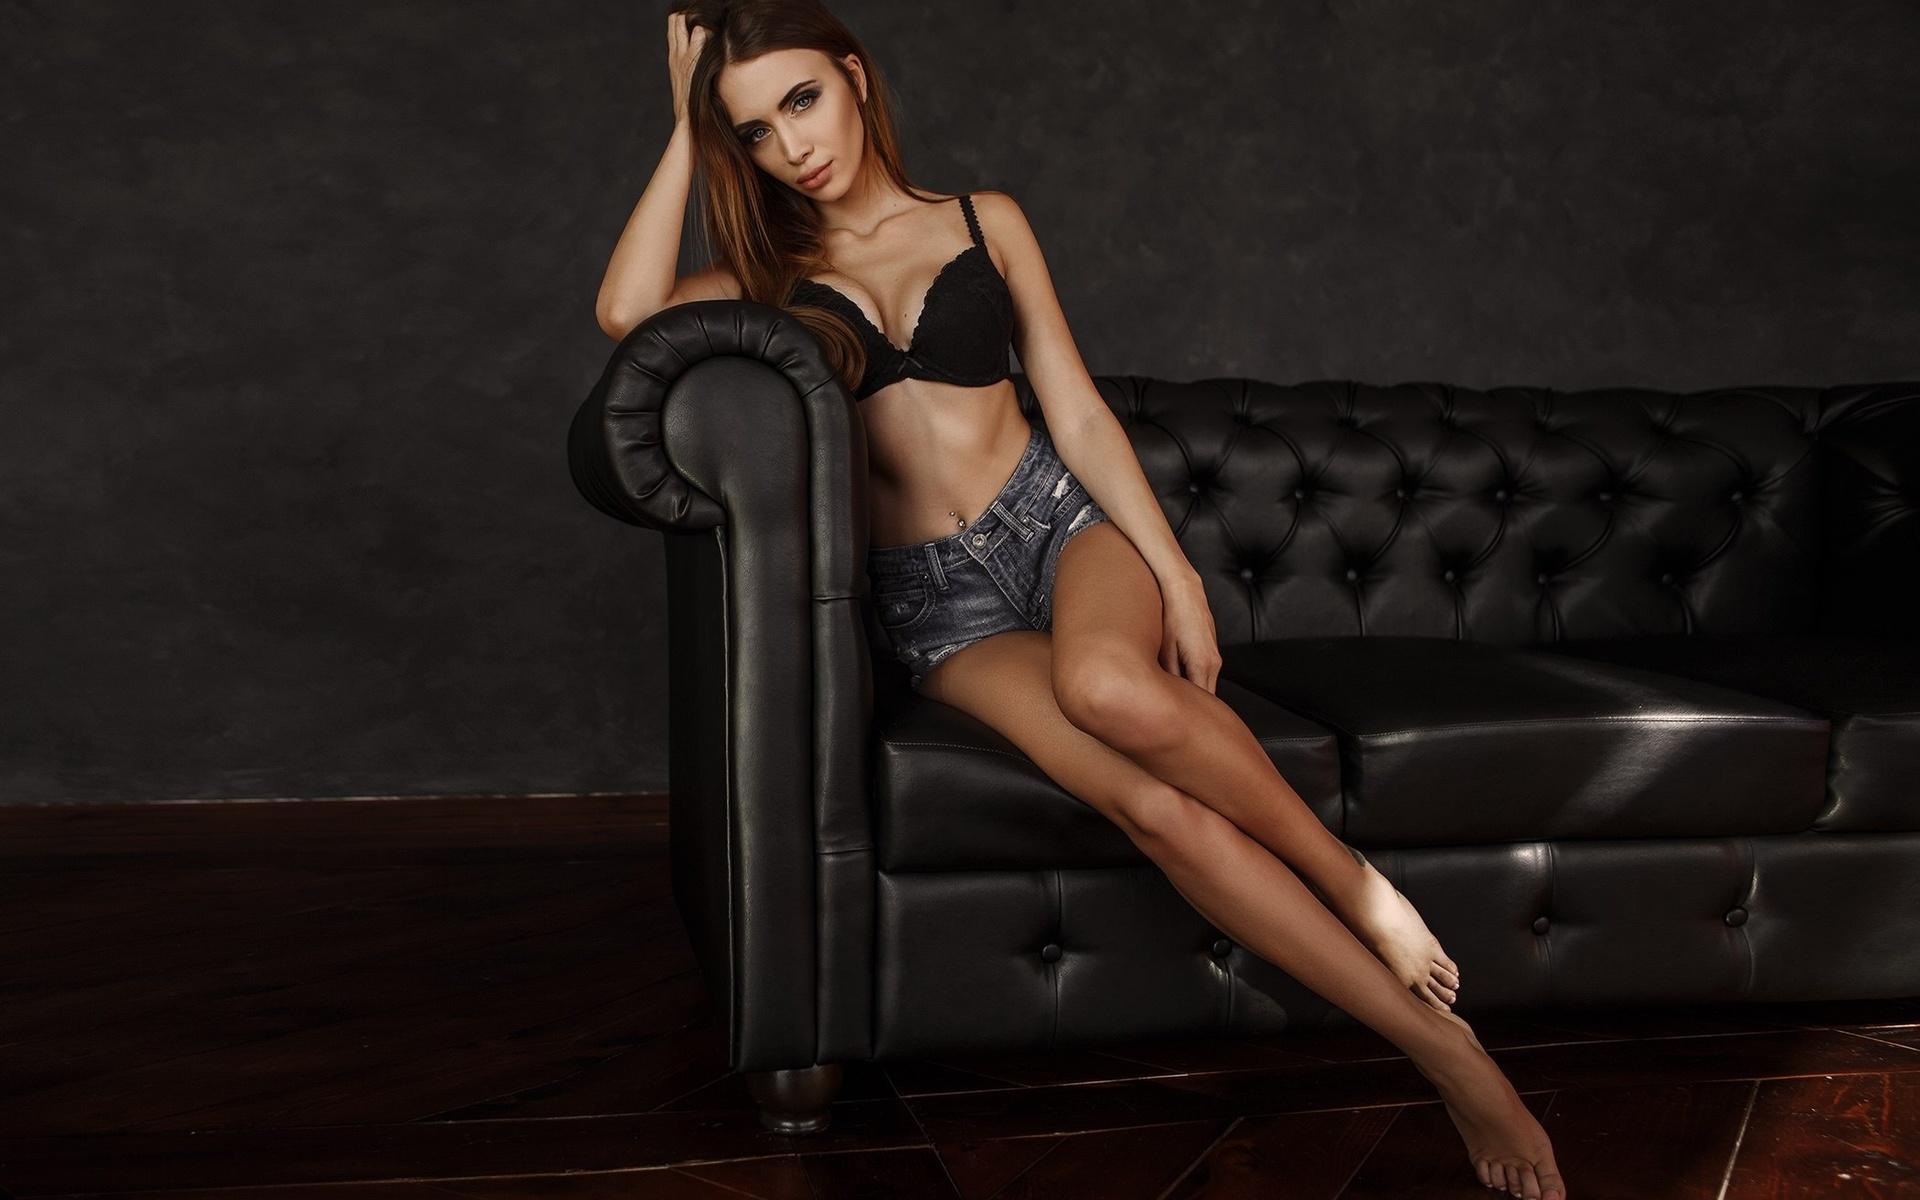 Девушка полуголая на диване, анна семенович о себе и своей полноте